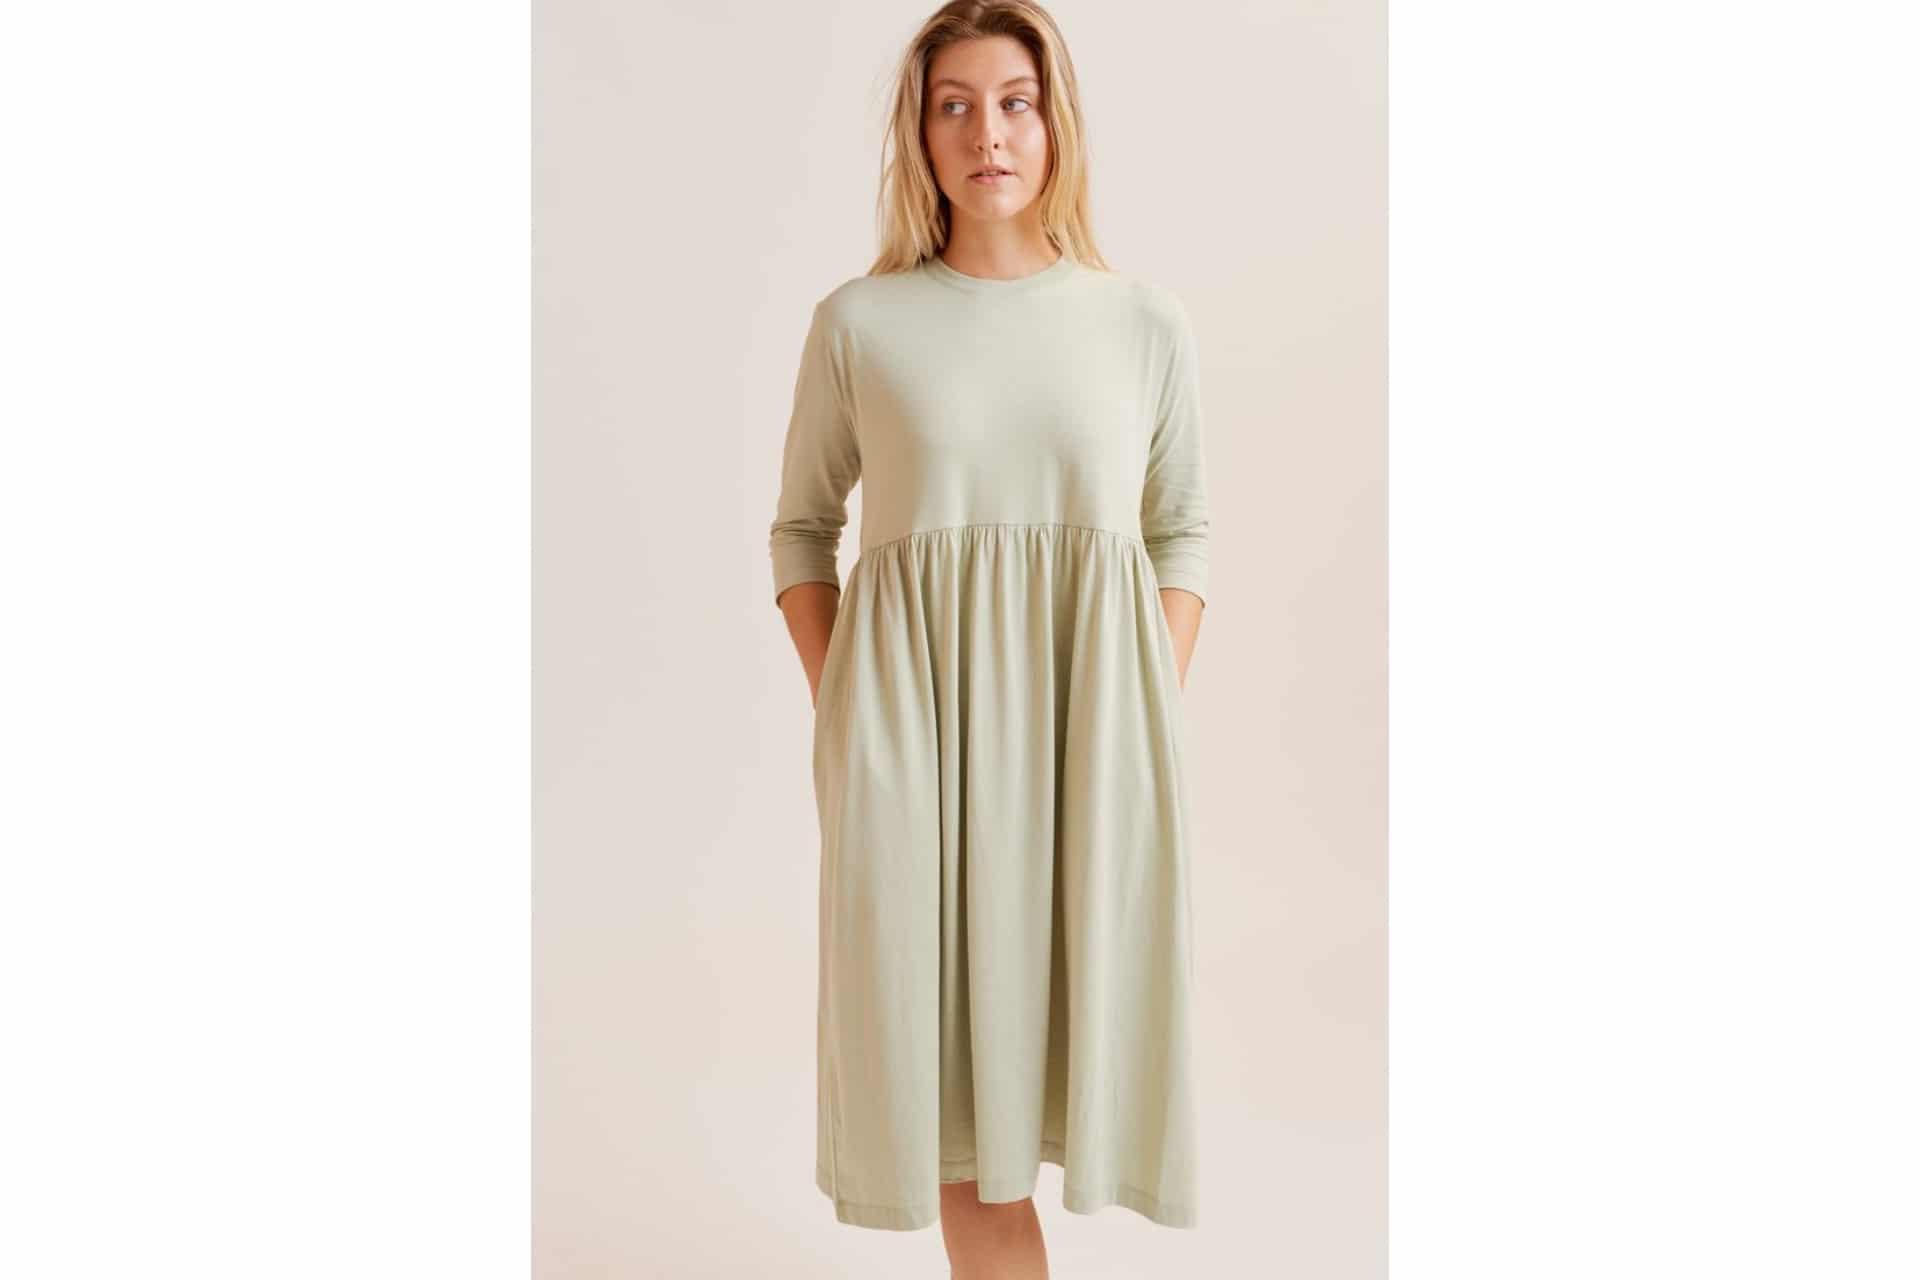 cotton dress in a light green